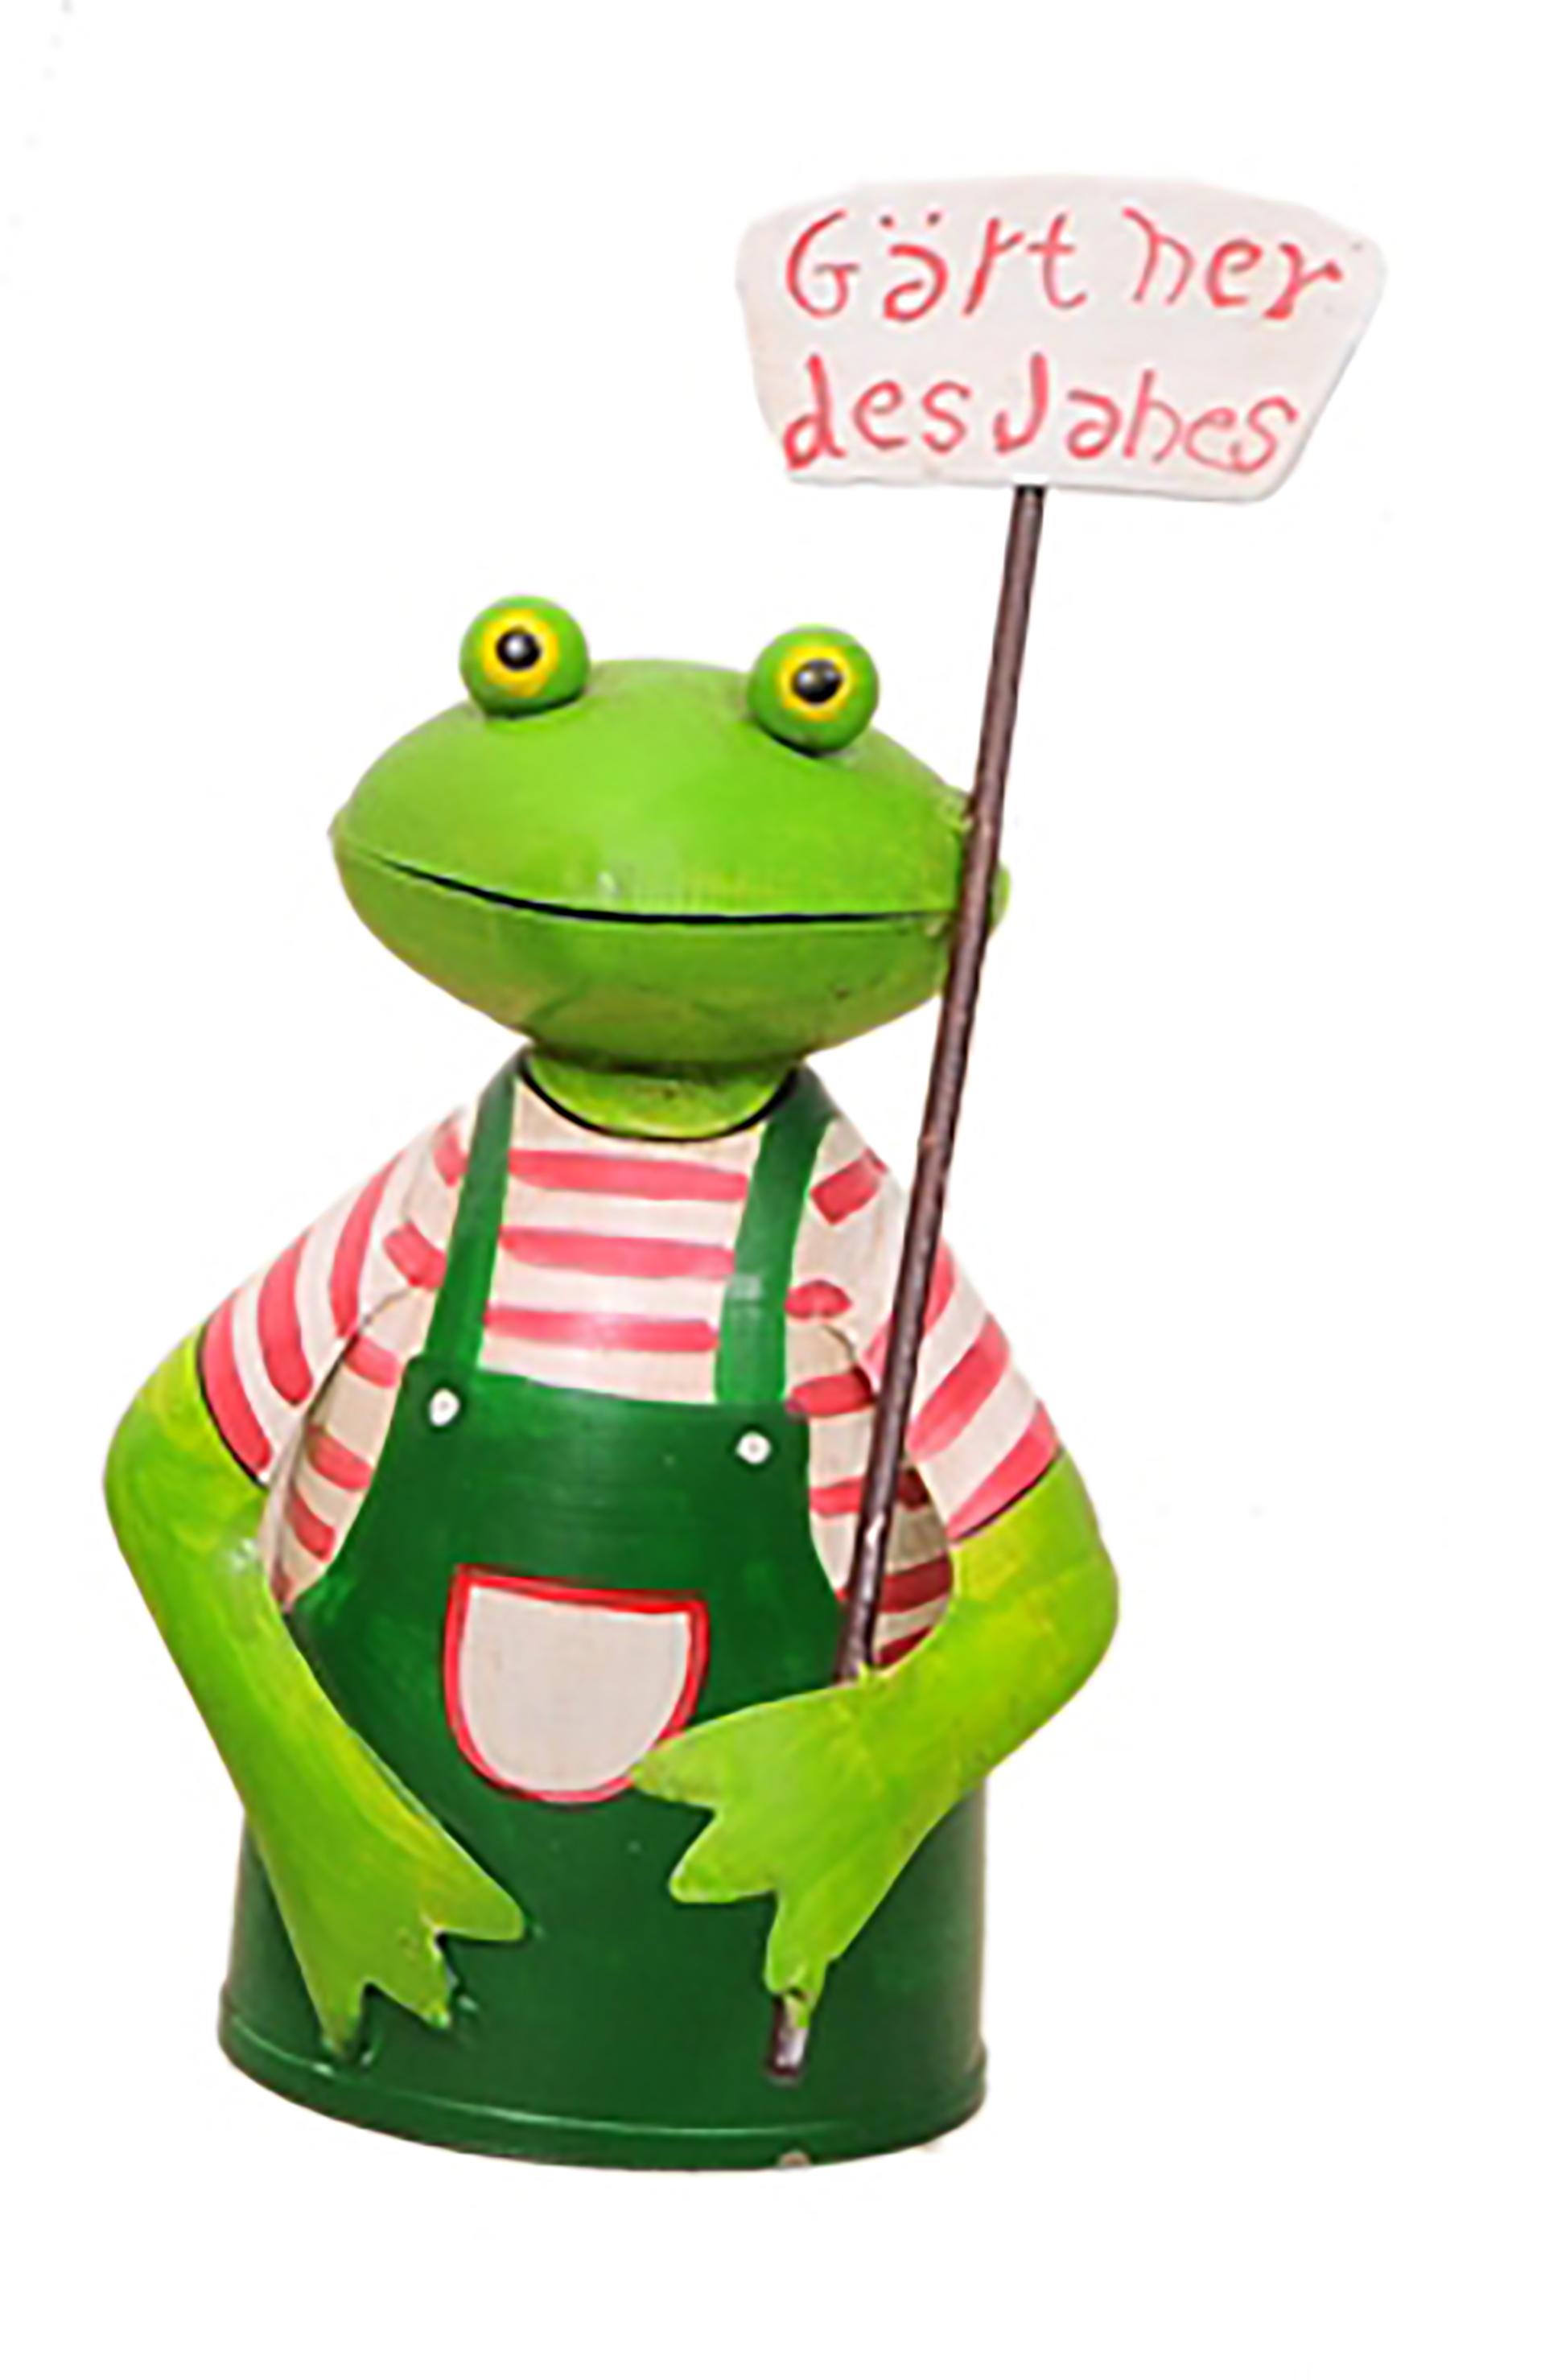 Zaunhocker Frosch, Schild Gärtner des Jahres